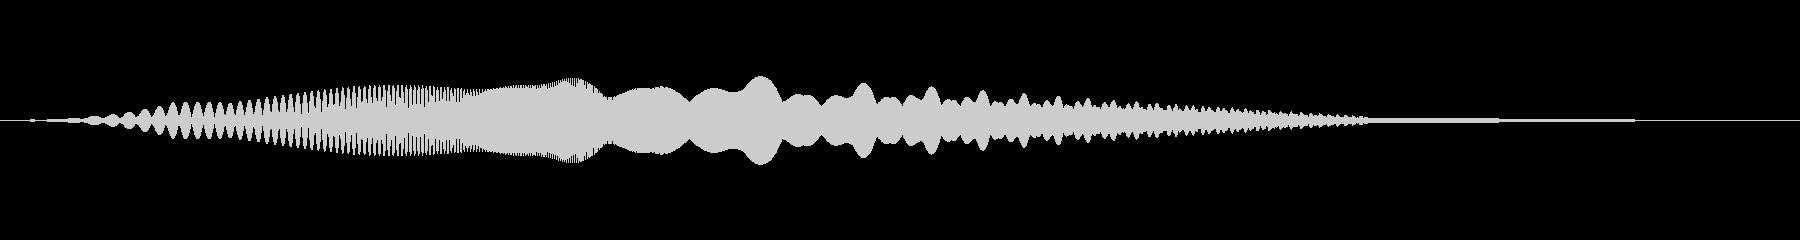 MediaFX VTRの始まりの音 1の未再生の波形